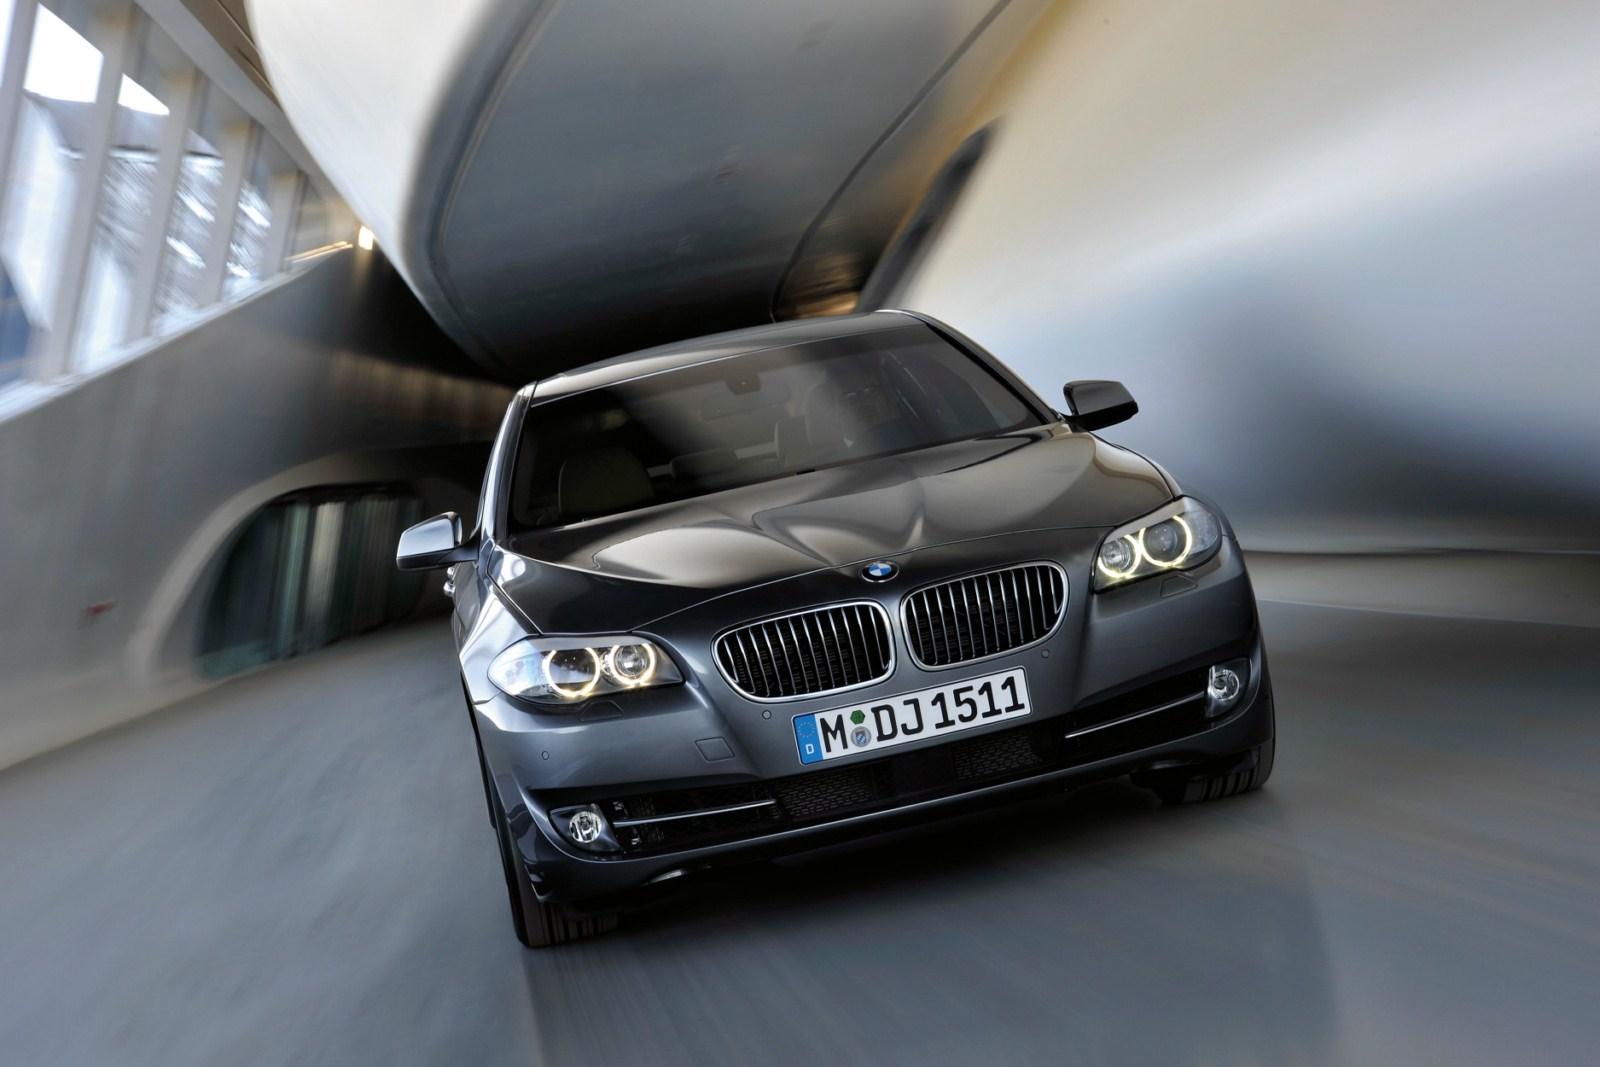 BMW 5er Limousine Images 01